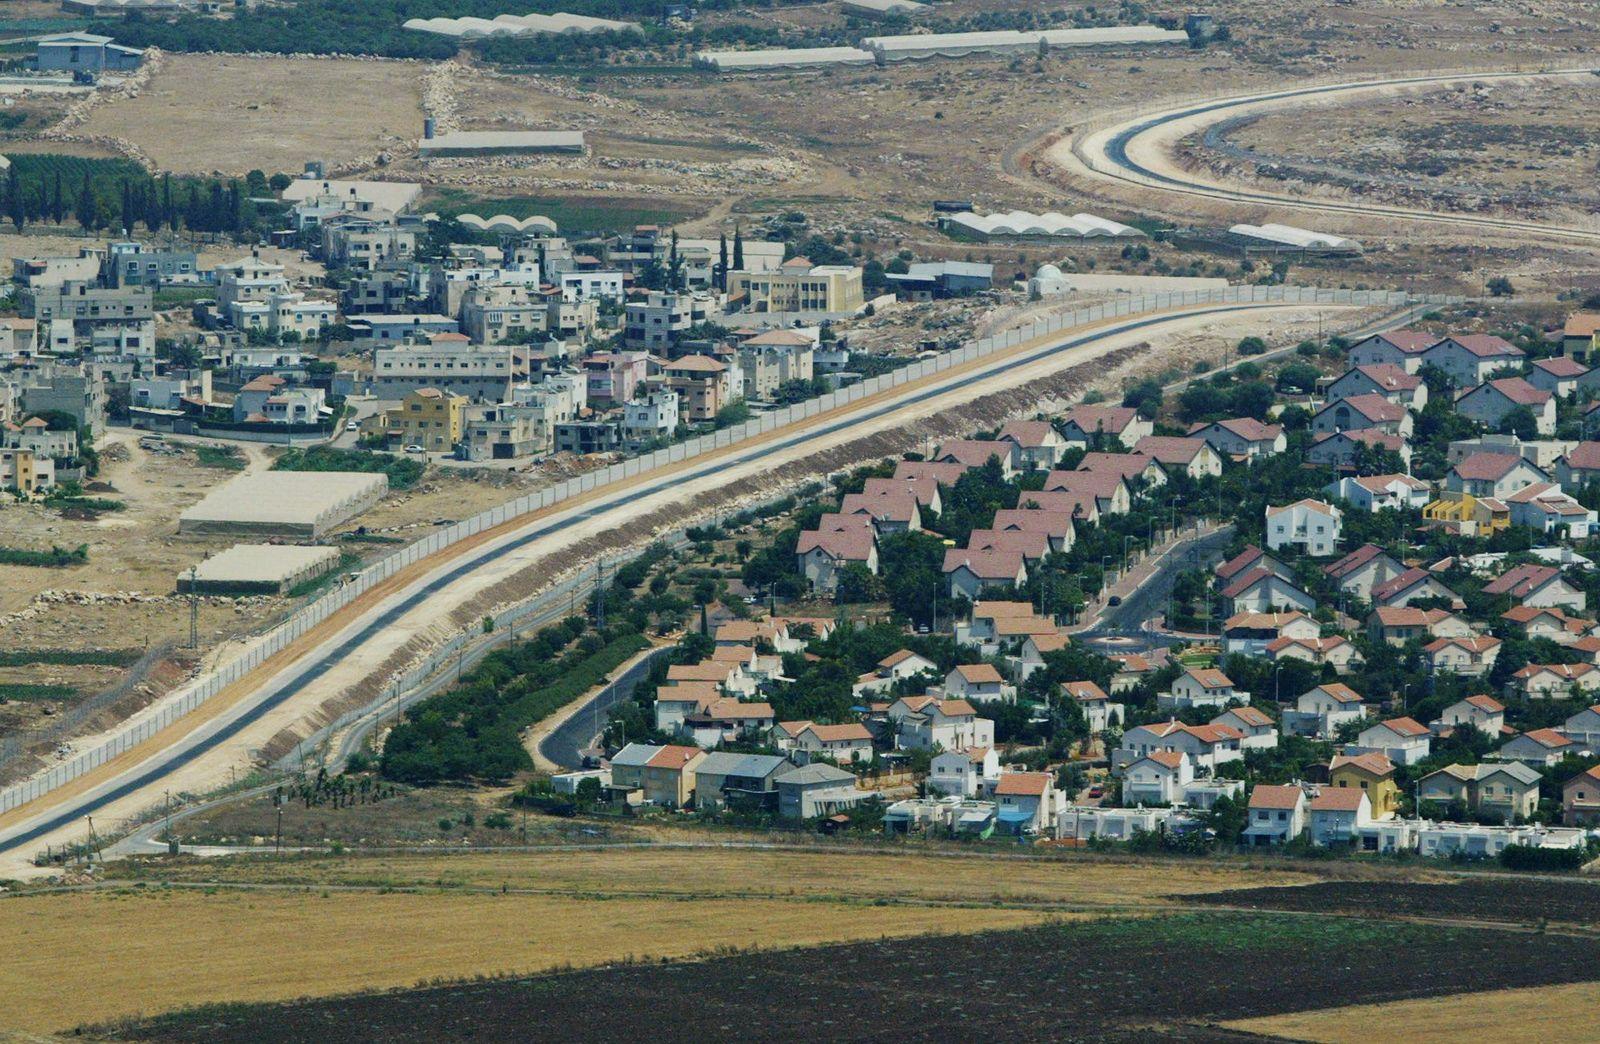 Mideast Israel Palestinians New Ideas Analysis